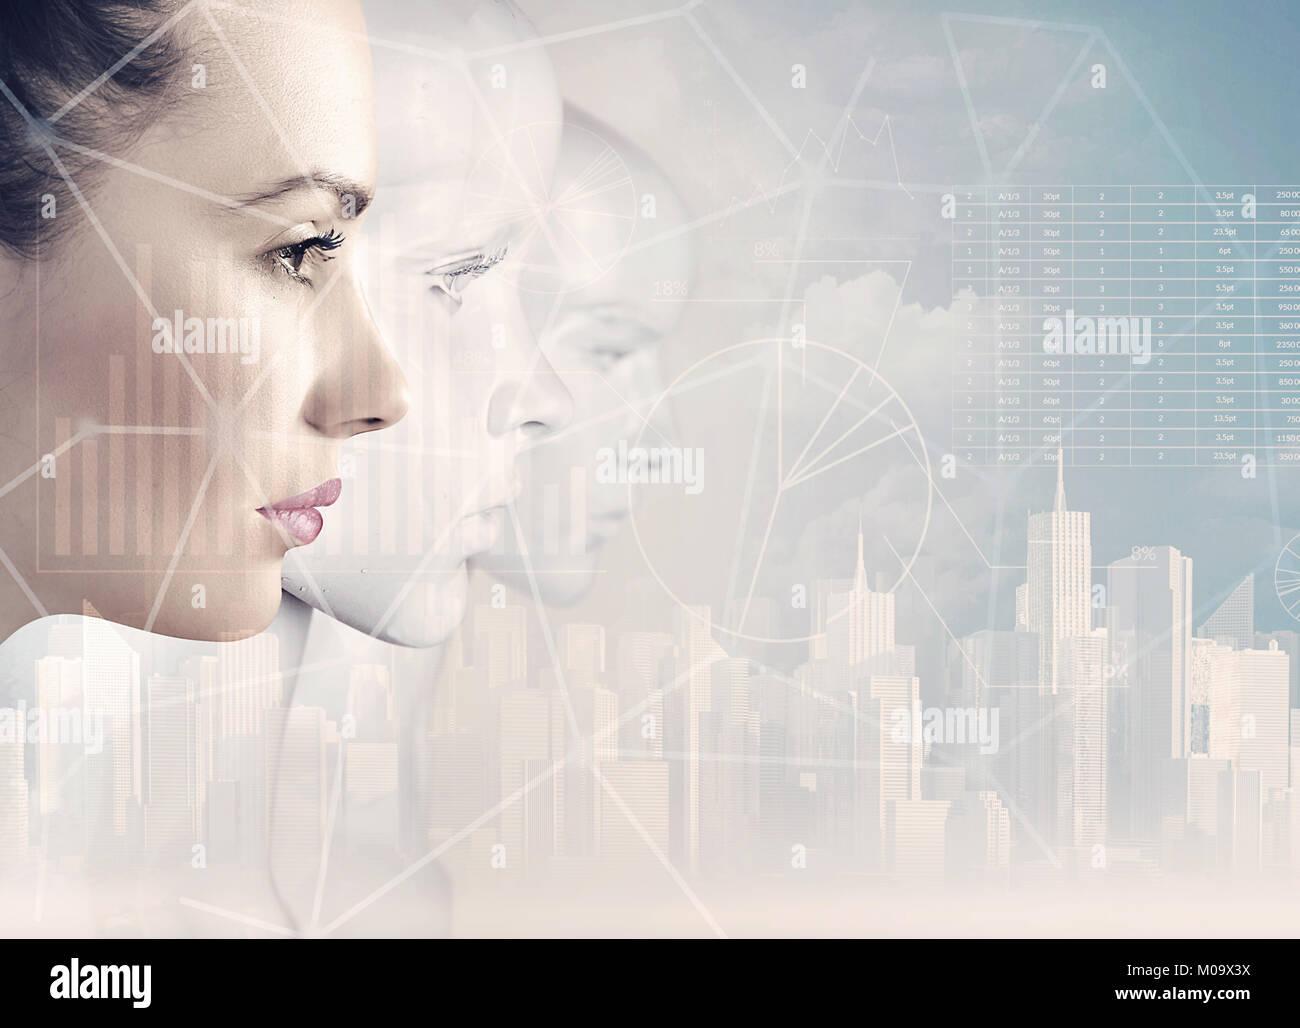 Frau und Roboter - künstliche Intelligenz Konzept Stockbild